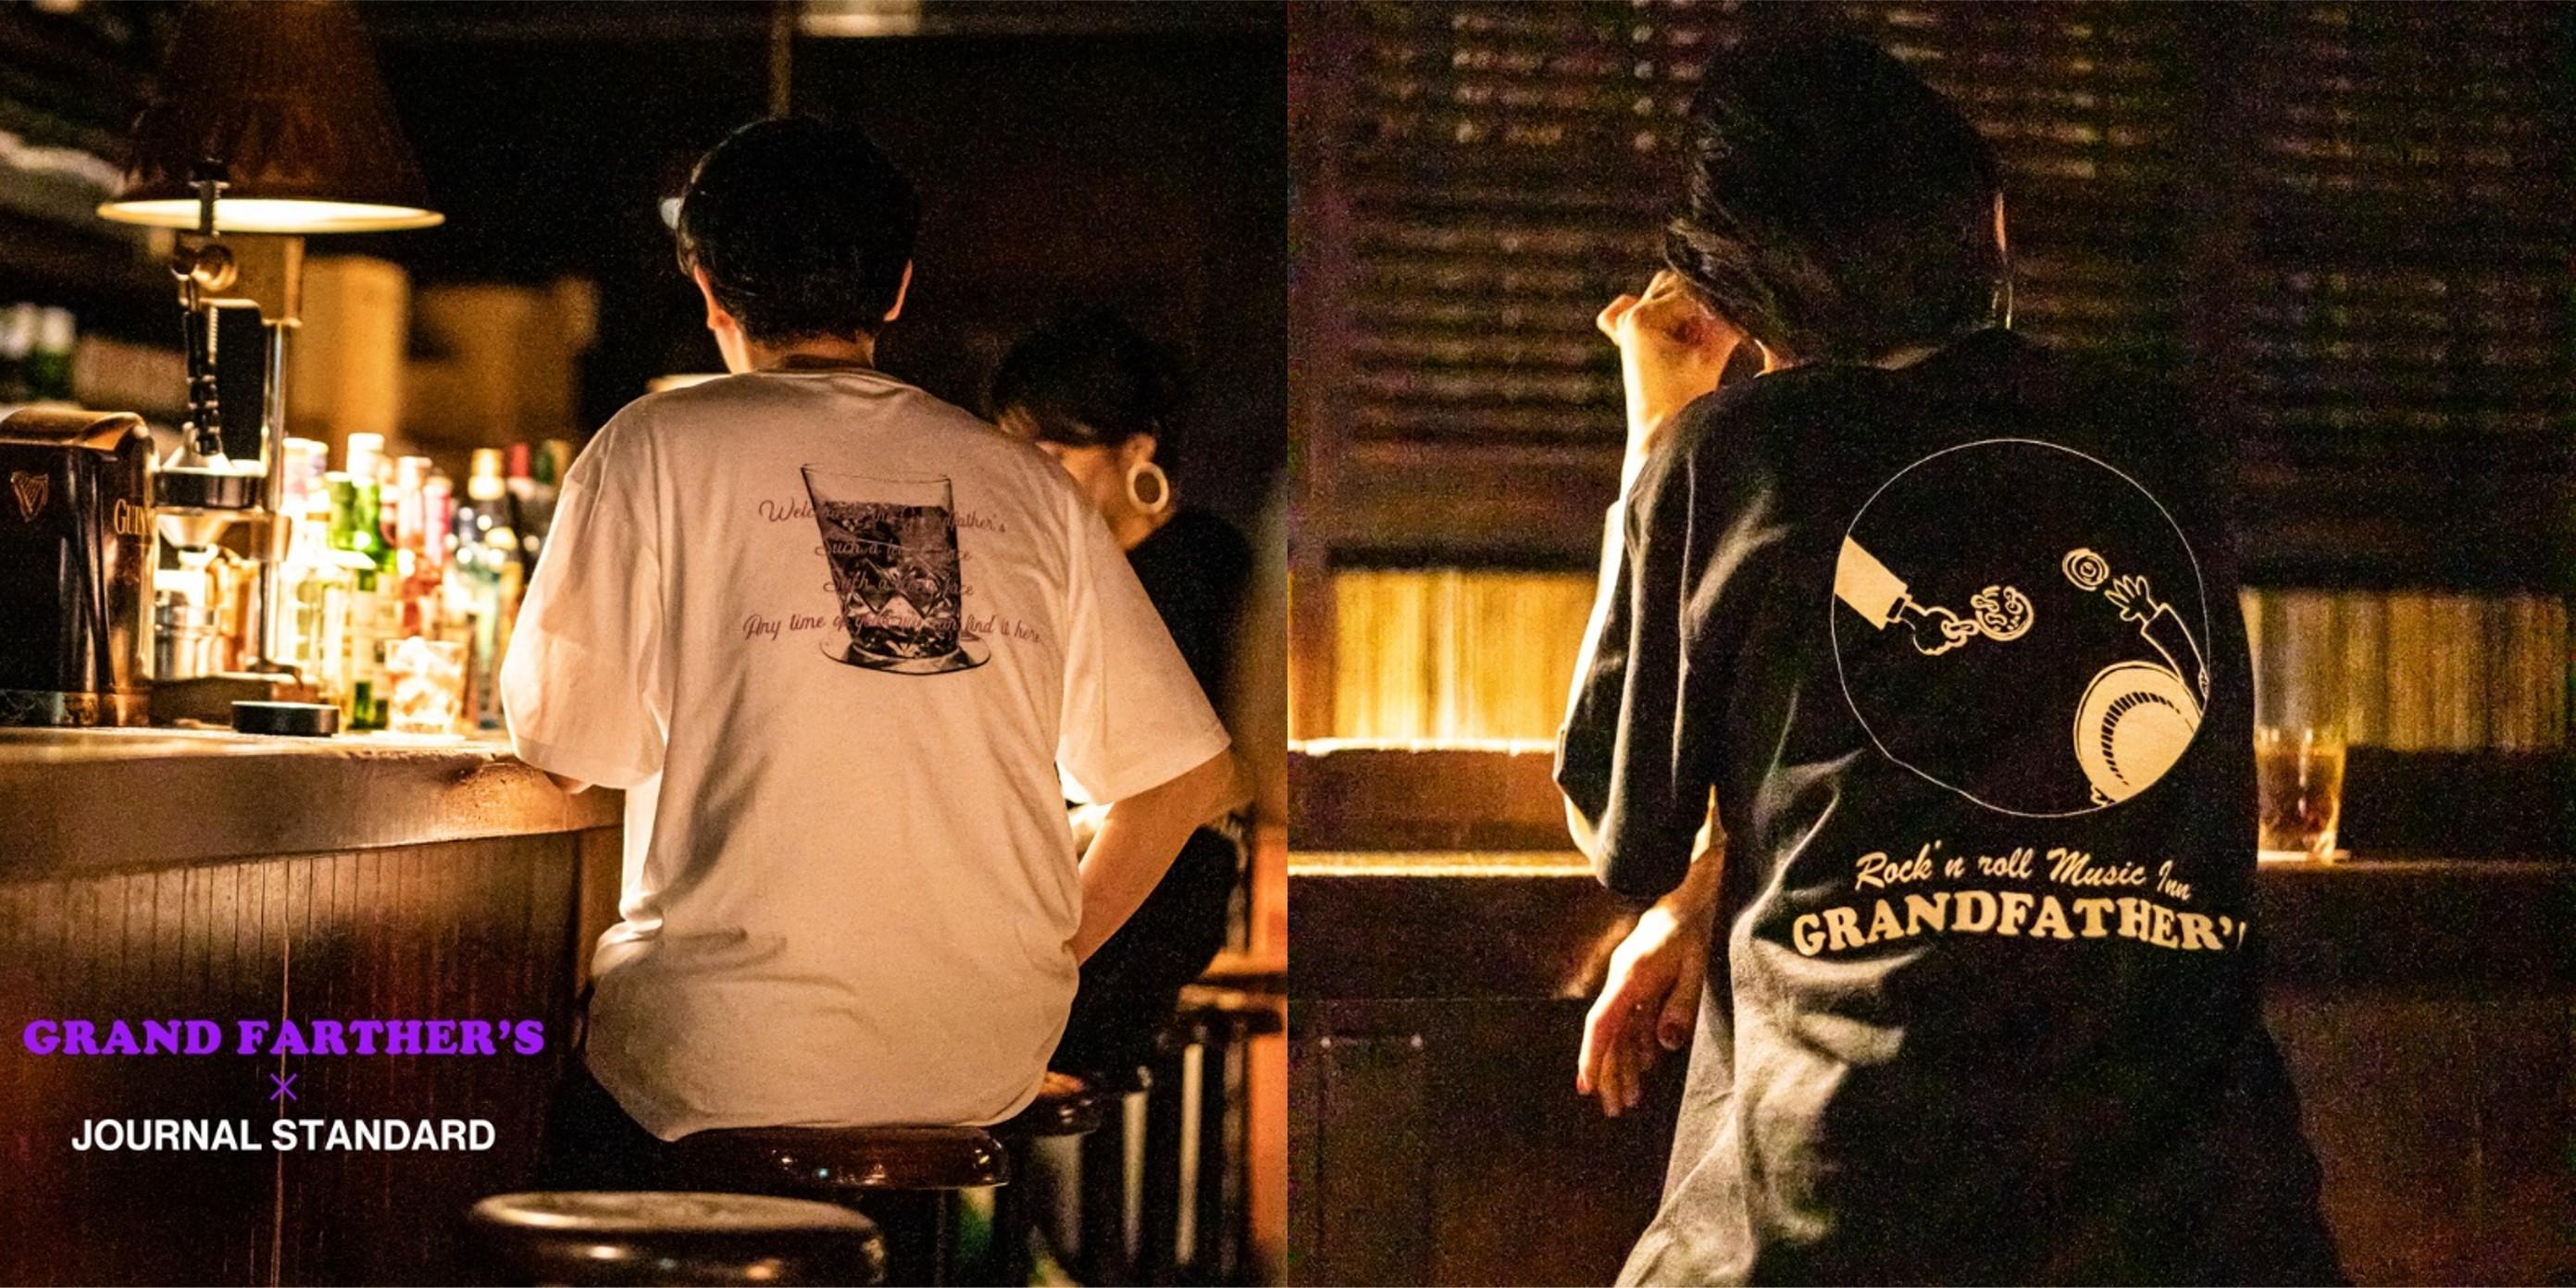 渋谷の名店レコードBAR『GRAND FATHER'S 』とJOURNAL STANDARDのコラボが実現ベイクルーズストア受注受付開始!